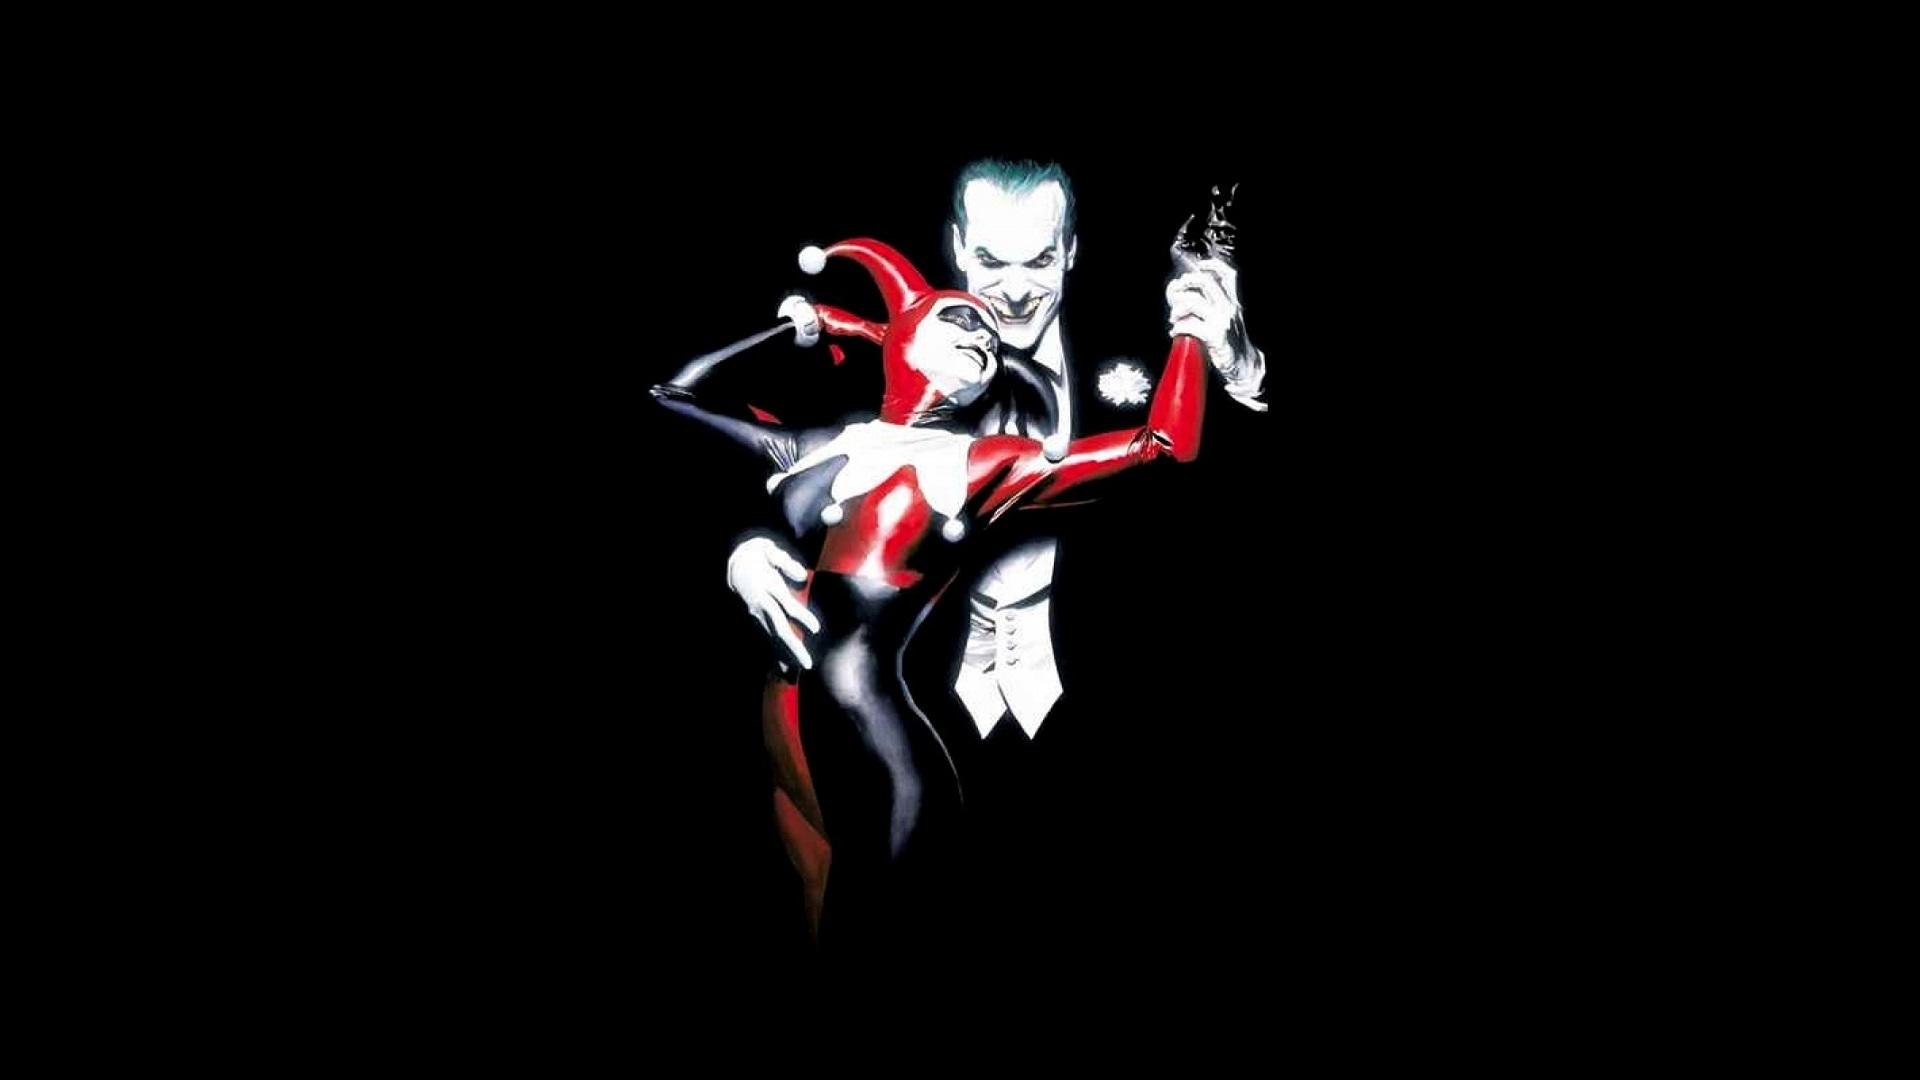 Fotos   Joker Wallpaper Hd Background 1920x1080